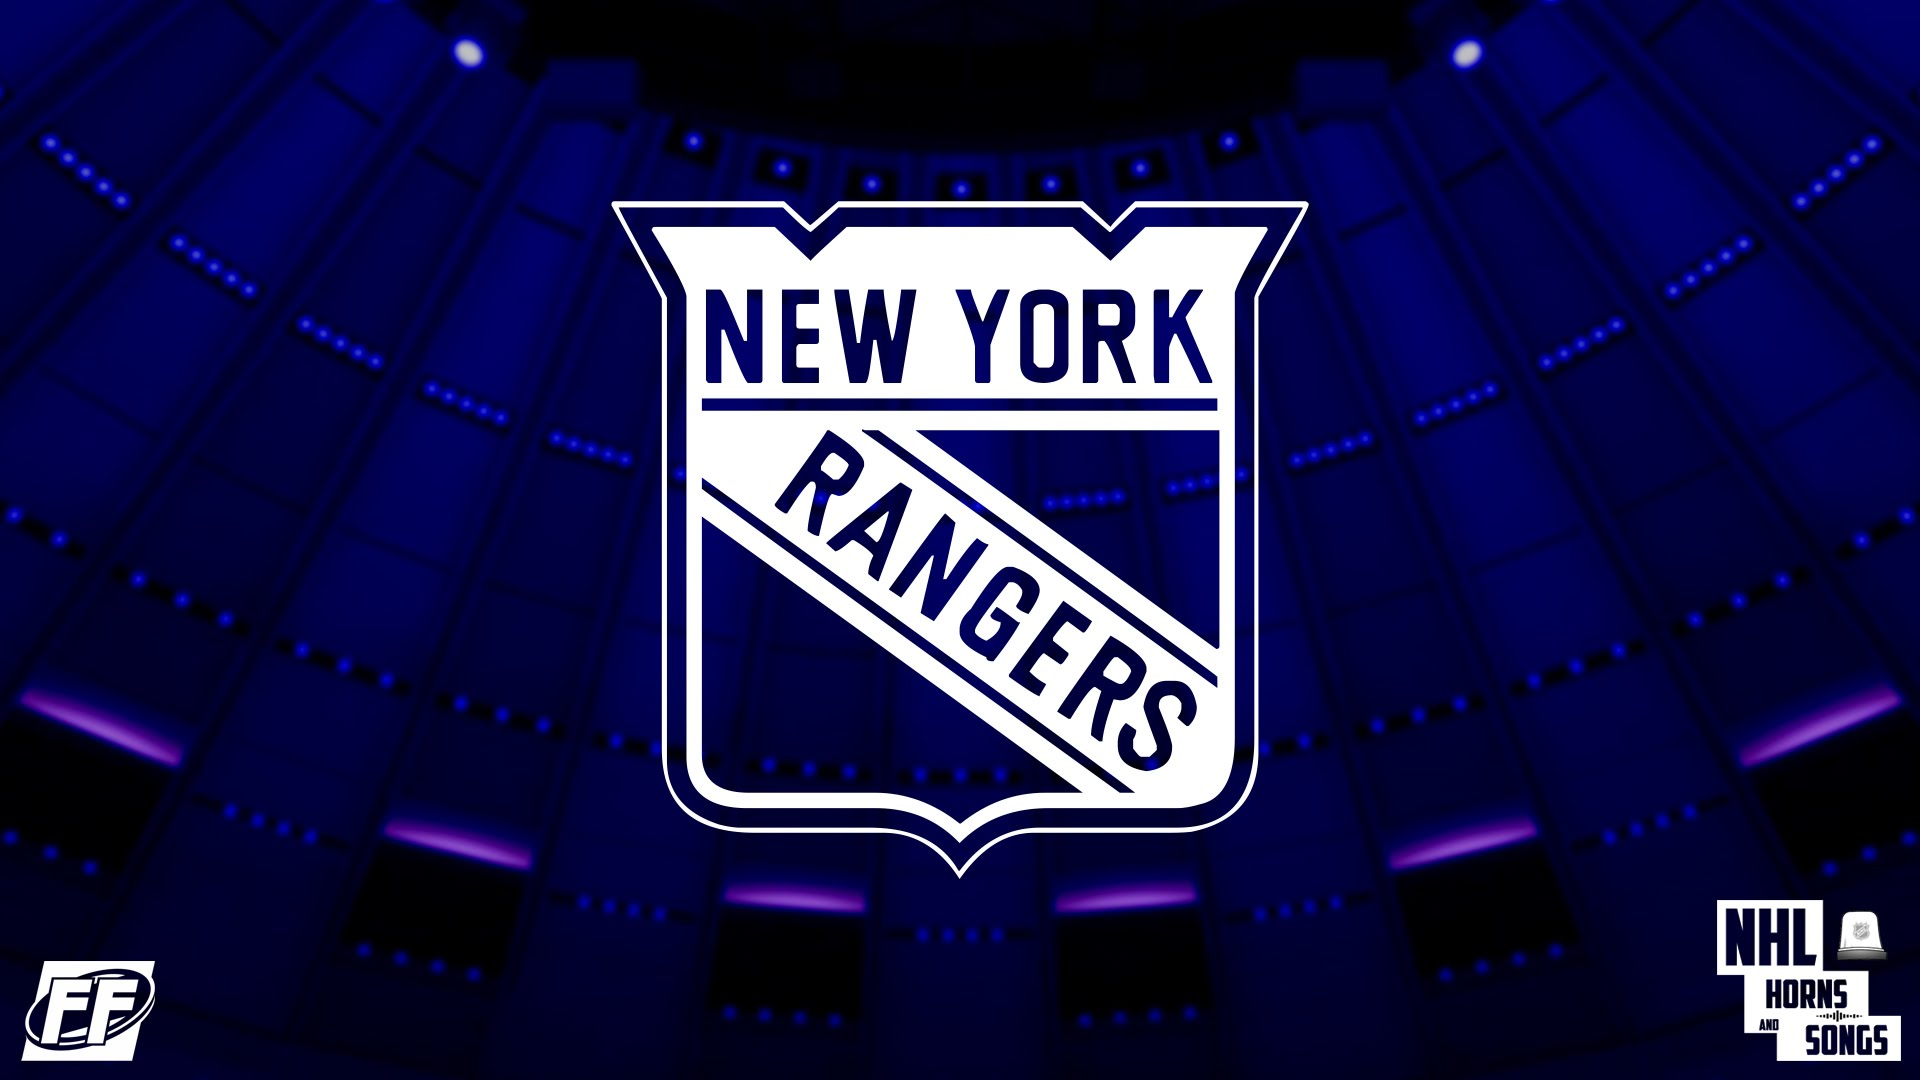 New York Rangers Hd Desktop Wallpaper Widescreen High 1920x1080